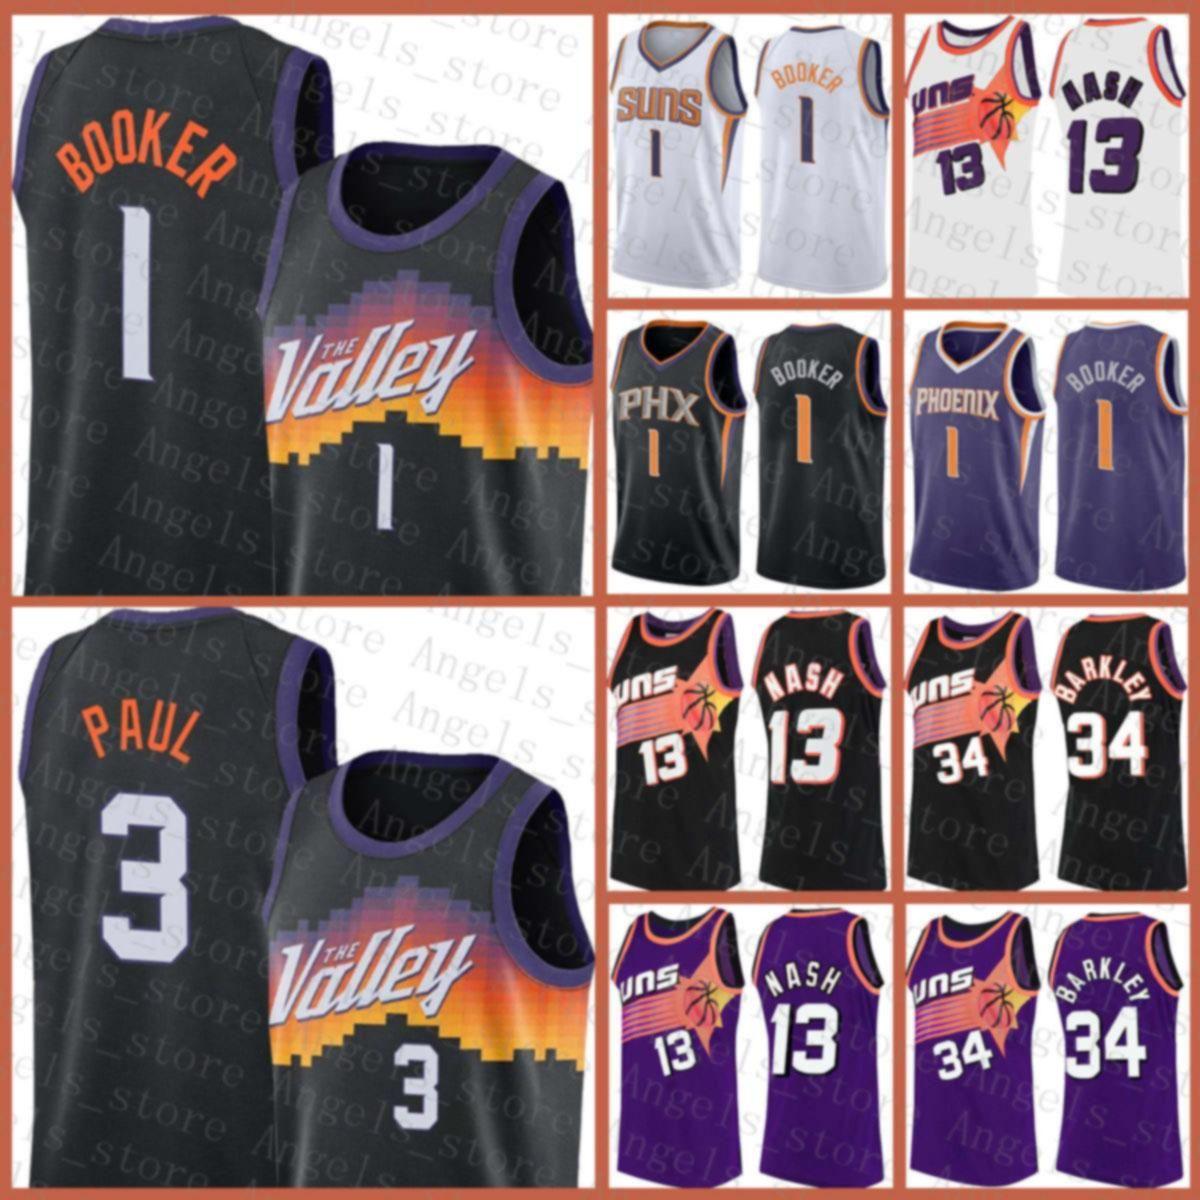 Devin 1 Booker Mens Chris Steve 13 Nash 3 Paul Gençlik Charles 34 Barkley PhoenixGüneşlerYeni 2020 2021 Basketbol Jersey Bej